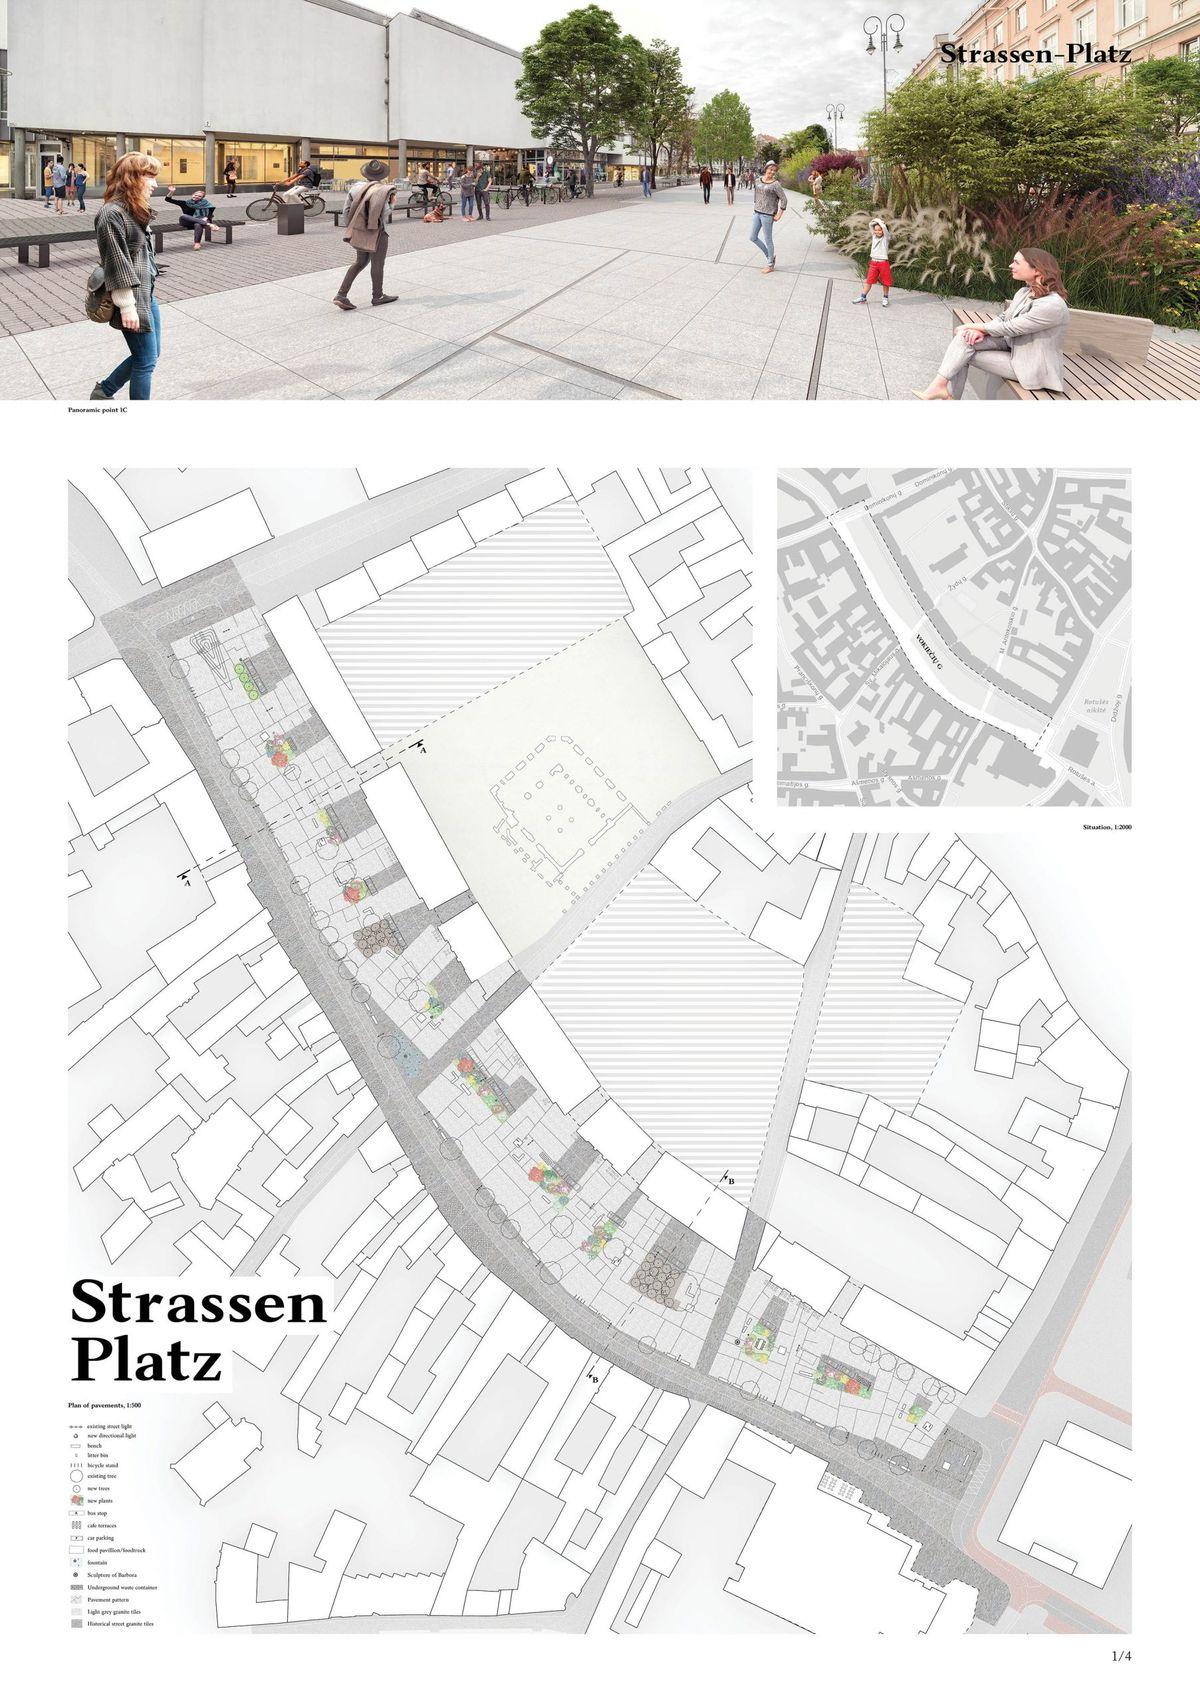 """Konkursinis darbas devizu """"Strassen-Platz"""""""